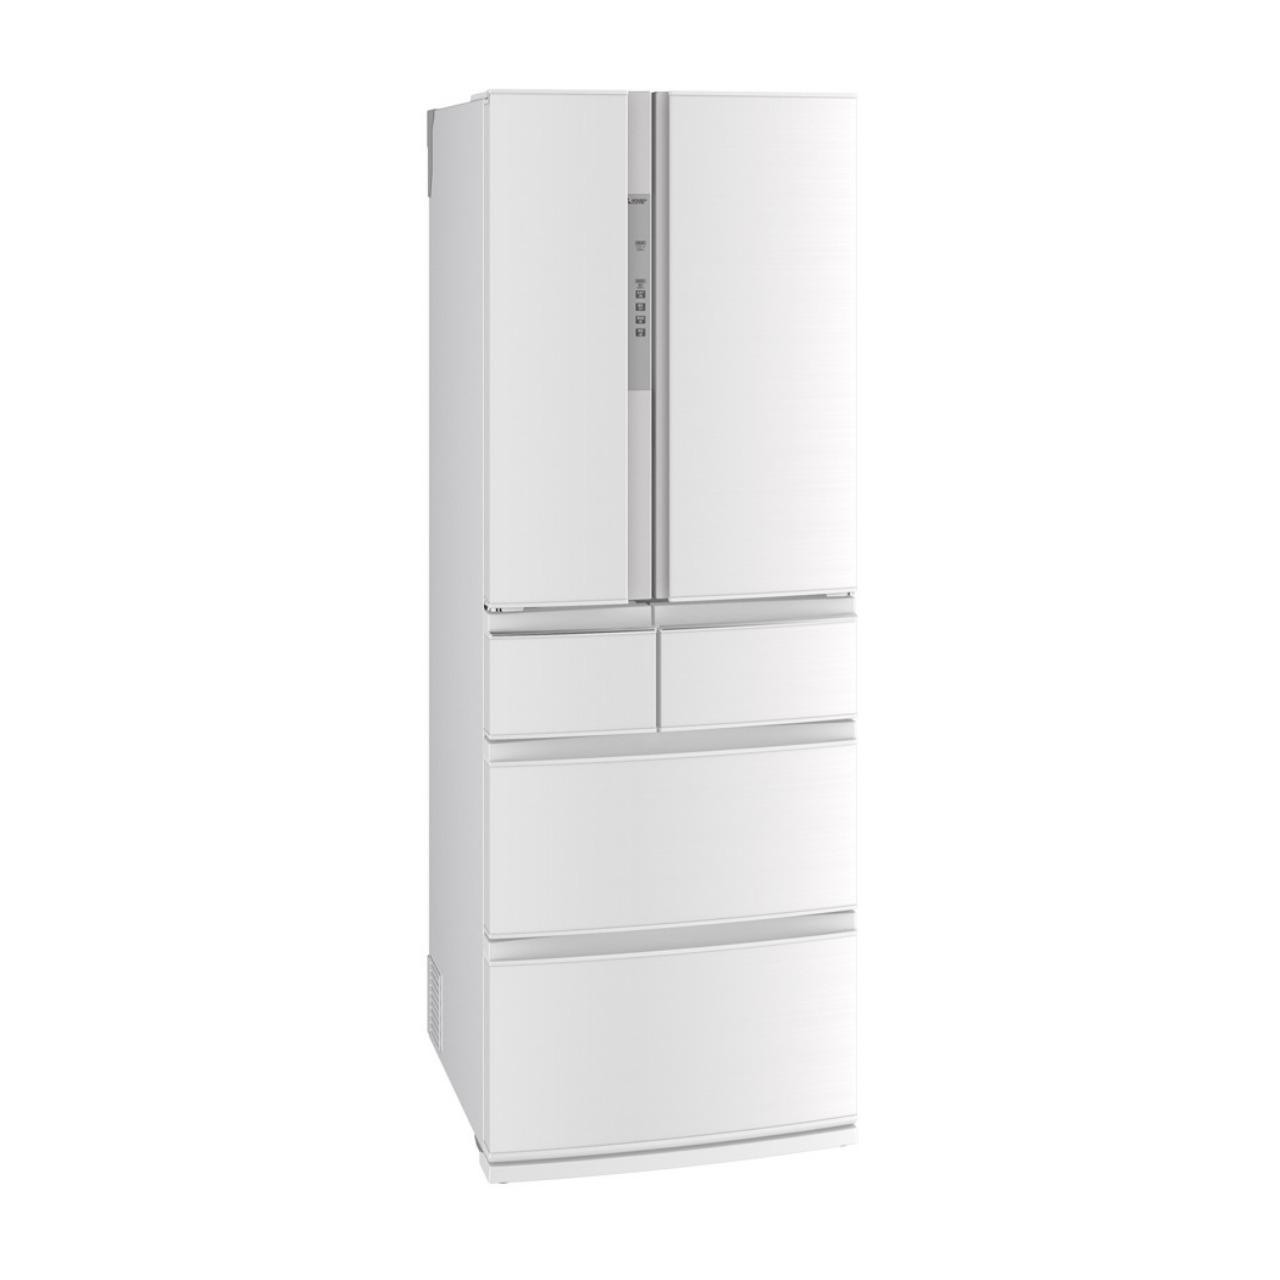 三菱MR-RX46A冷蔵庫